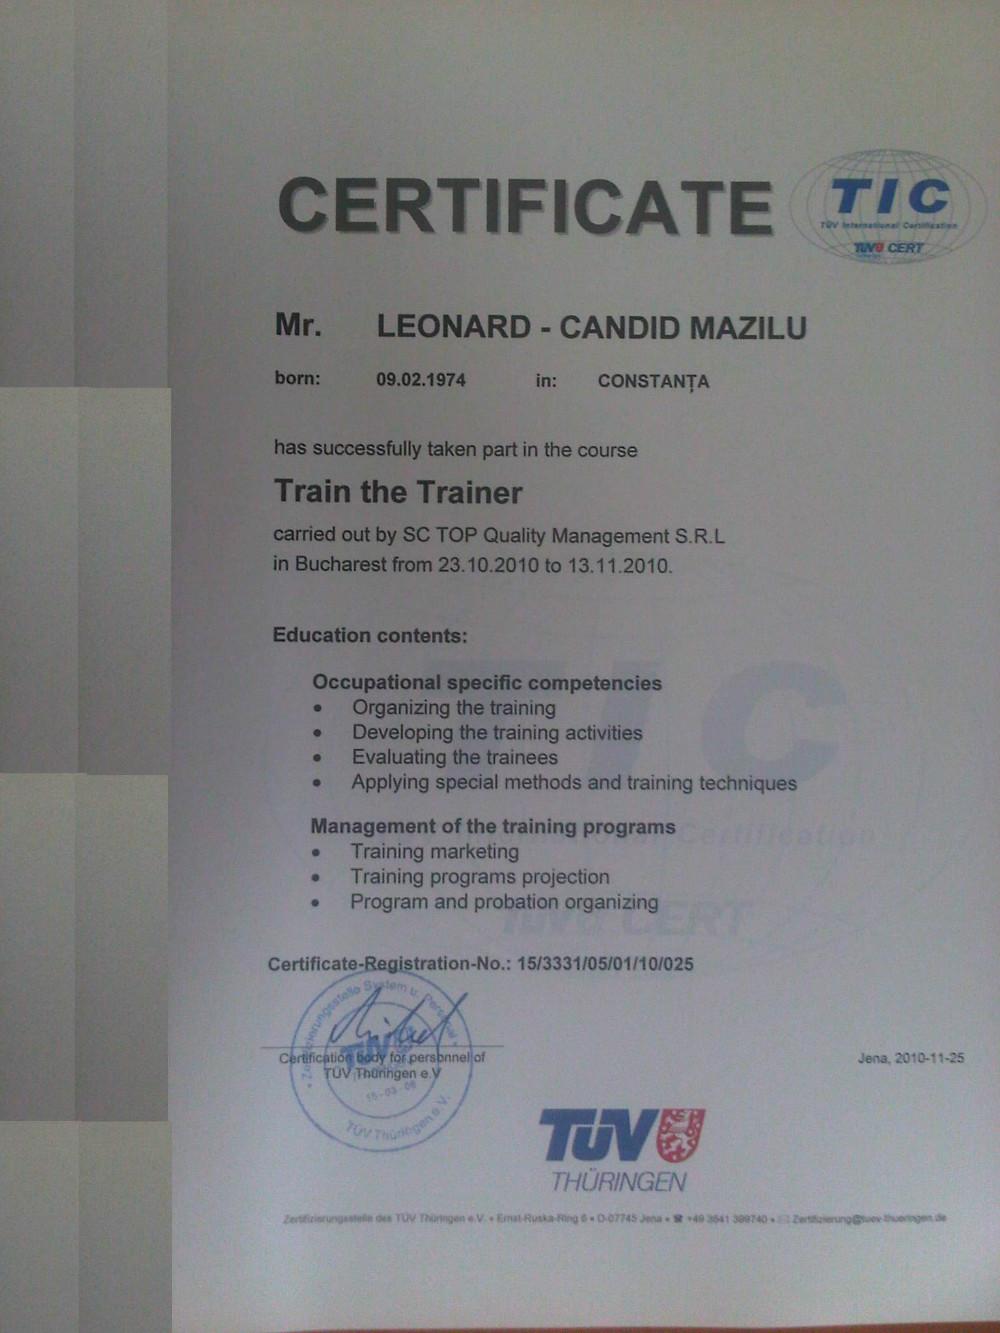 cv leonard mazilu curriculum vitae certificat